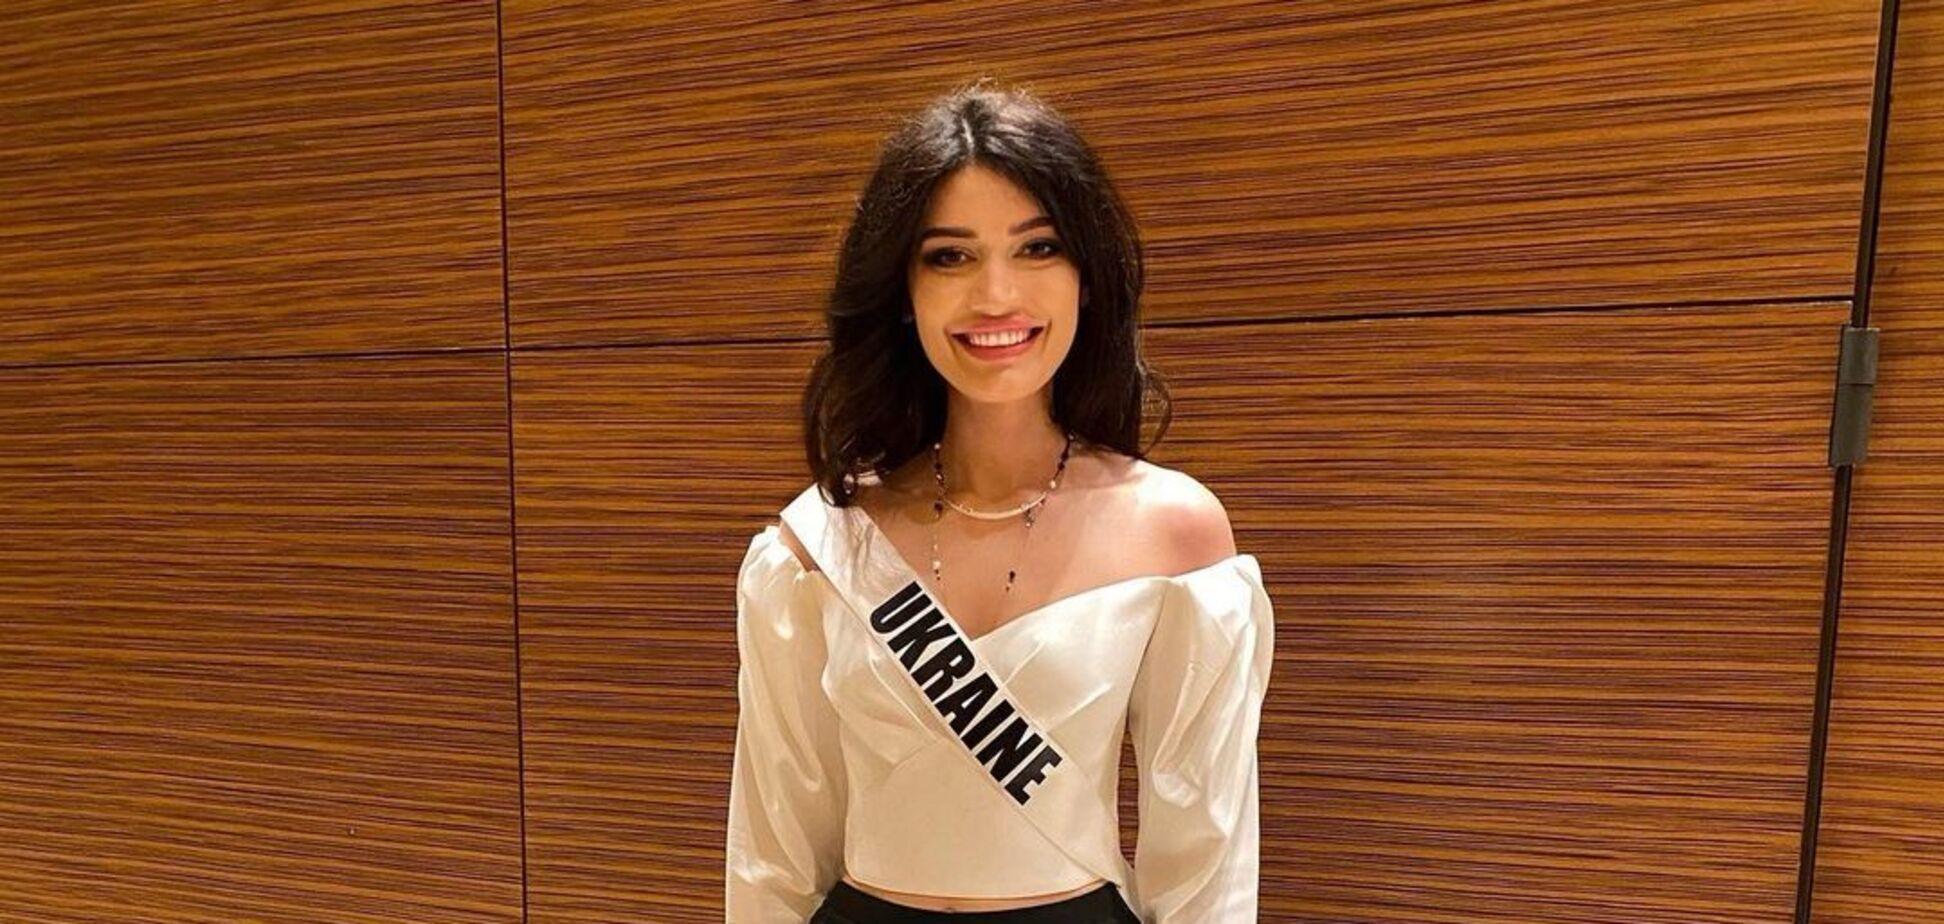 Ястремська прокоментувала програш в конкурсі «Міс Всесвіт 2021»